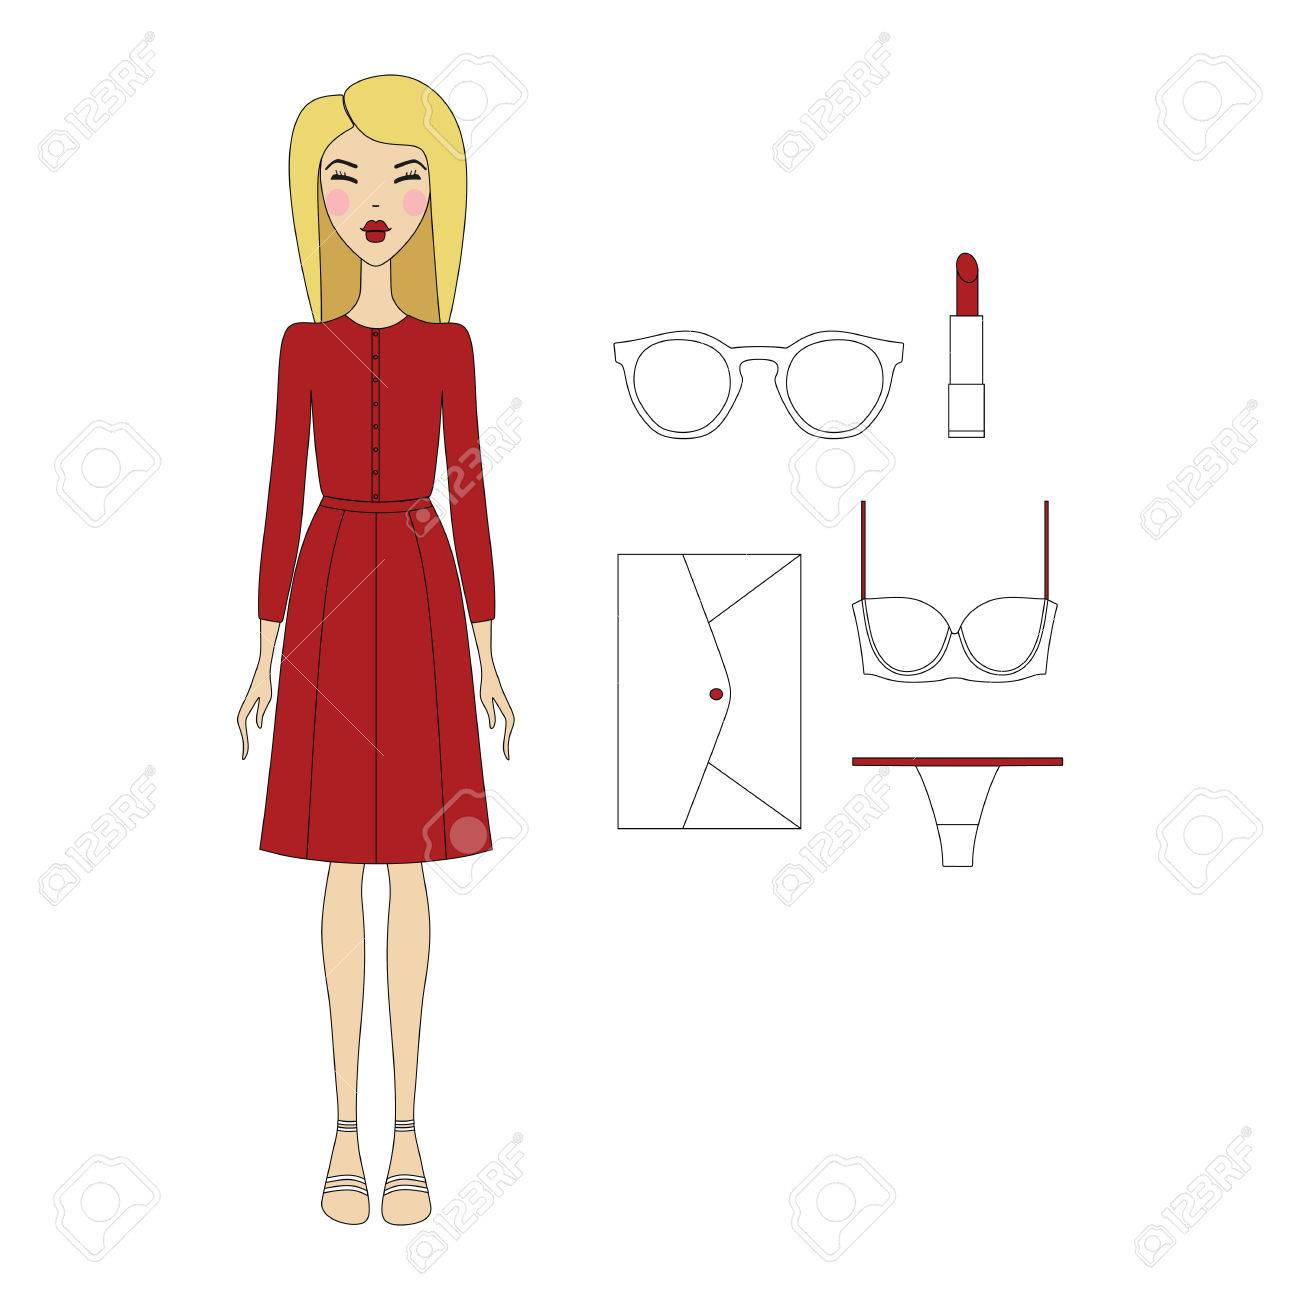 23efb7e22 Foto de archivo - Mujer joven en ropa de moda. Niña en el vestido. ropa  casual. falda. Zapatos. una bolsa. blusa. productos cosméticos. Gafas de sol .